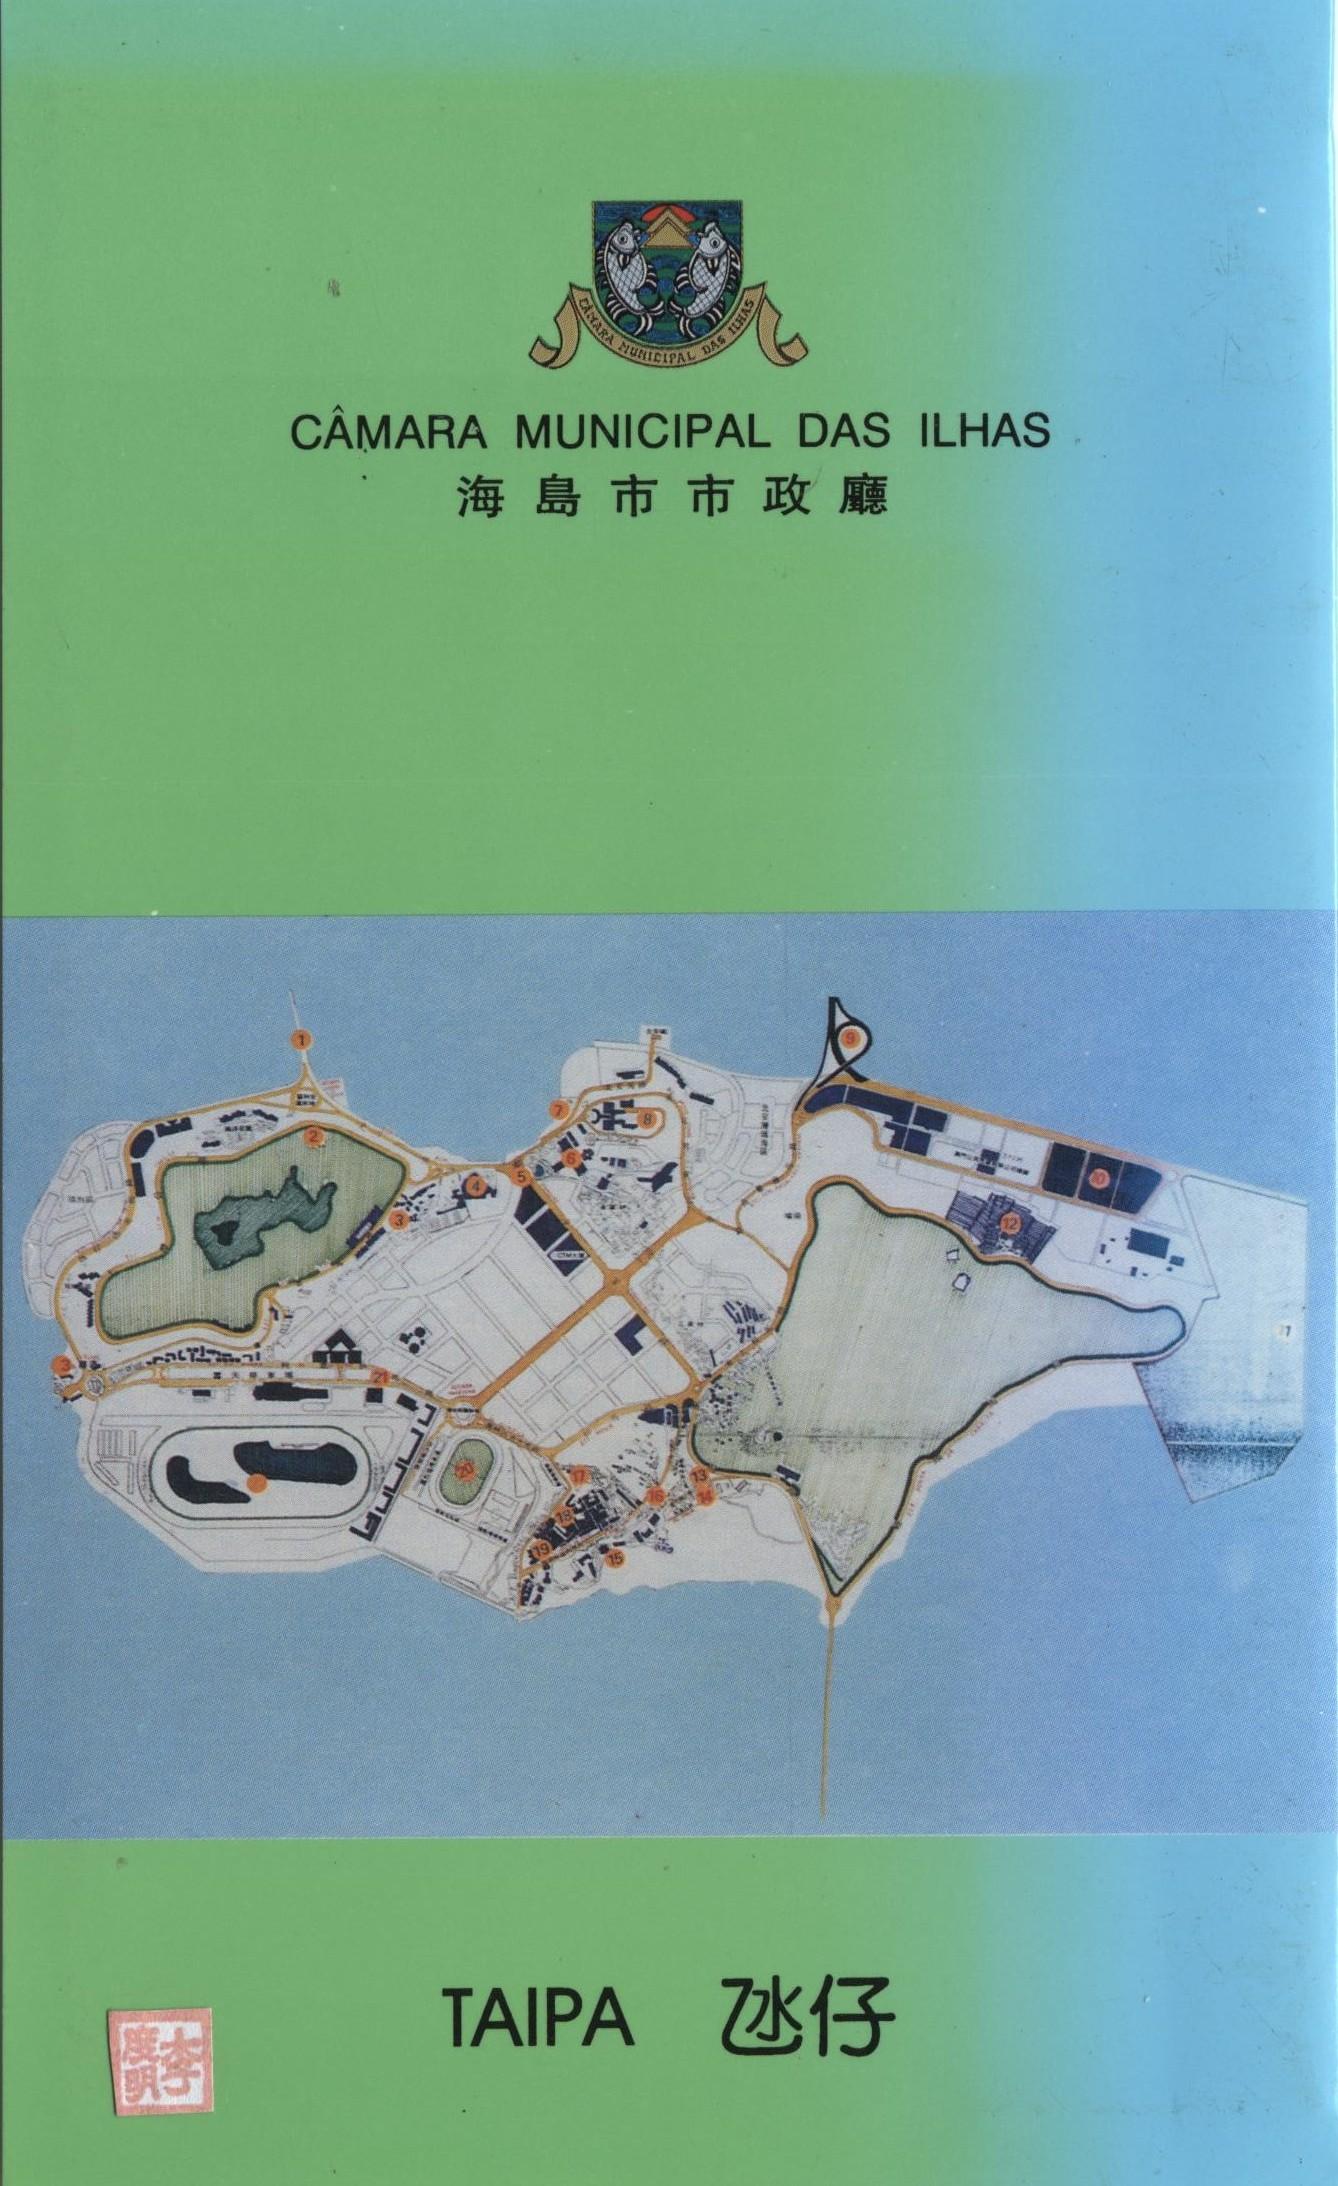 TAIPA Mapa Turístico 1991 VERSO